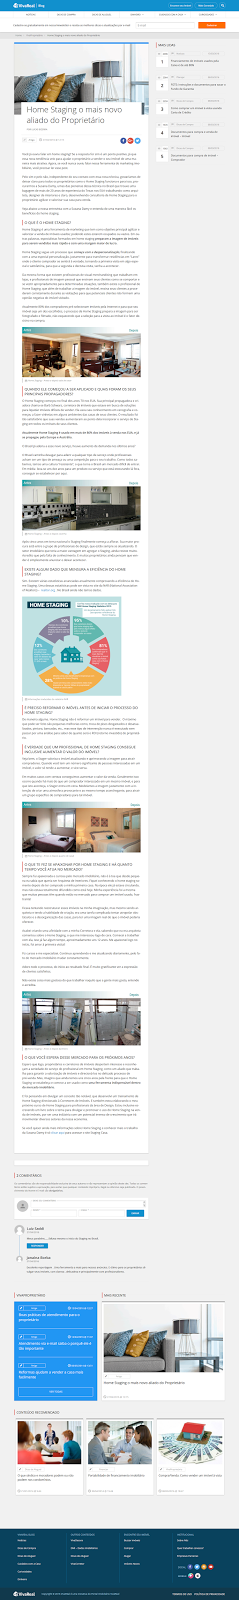 http://www.vivareal.com.br/blog/proprietario/home-staging-o-mais-novo-aliado-do-proprietario/